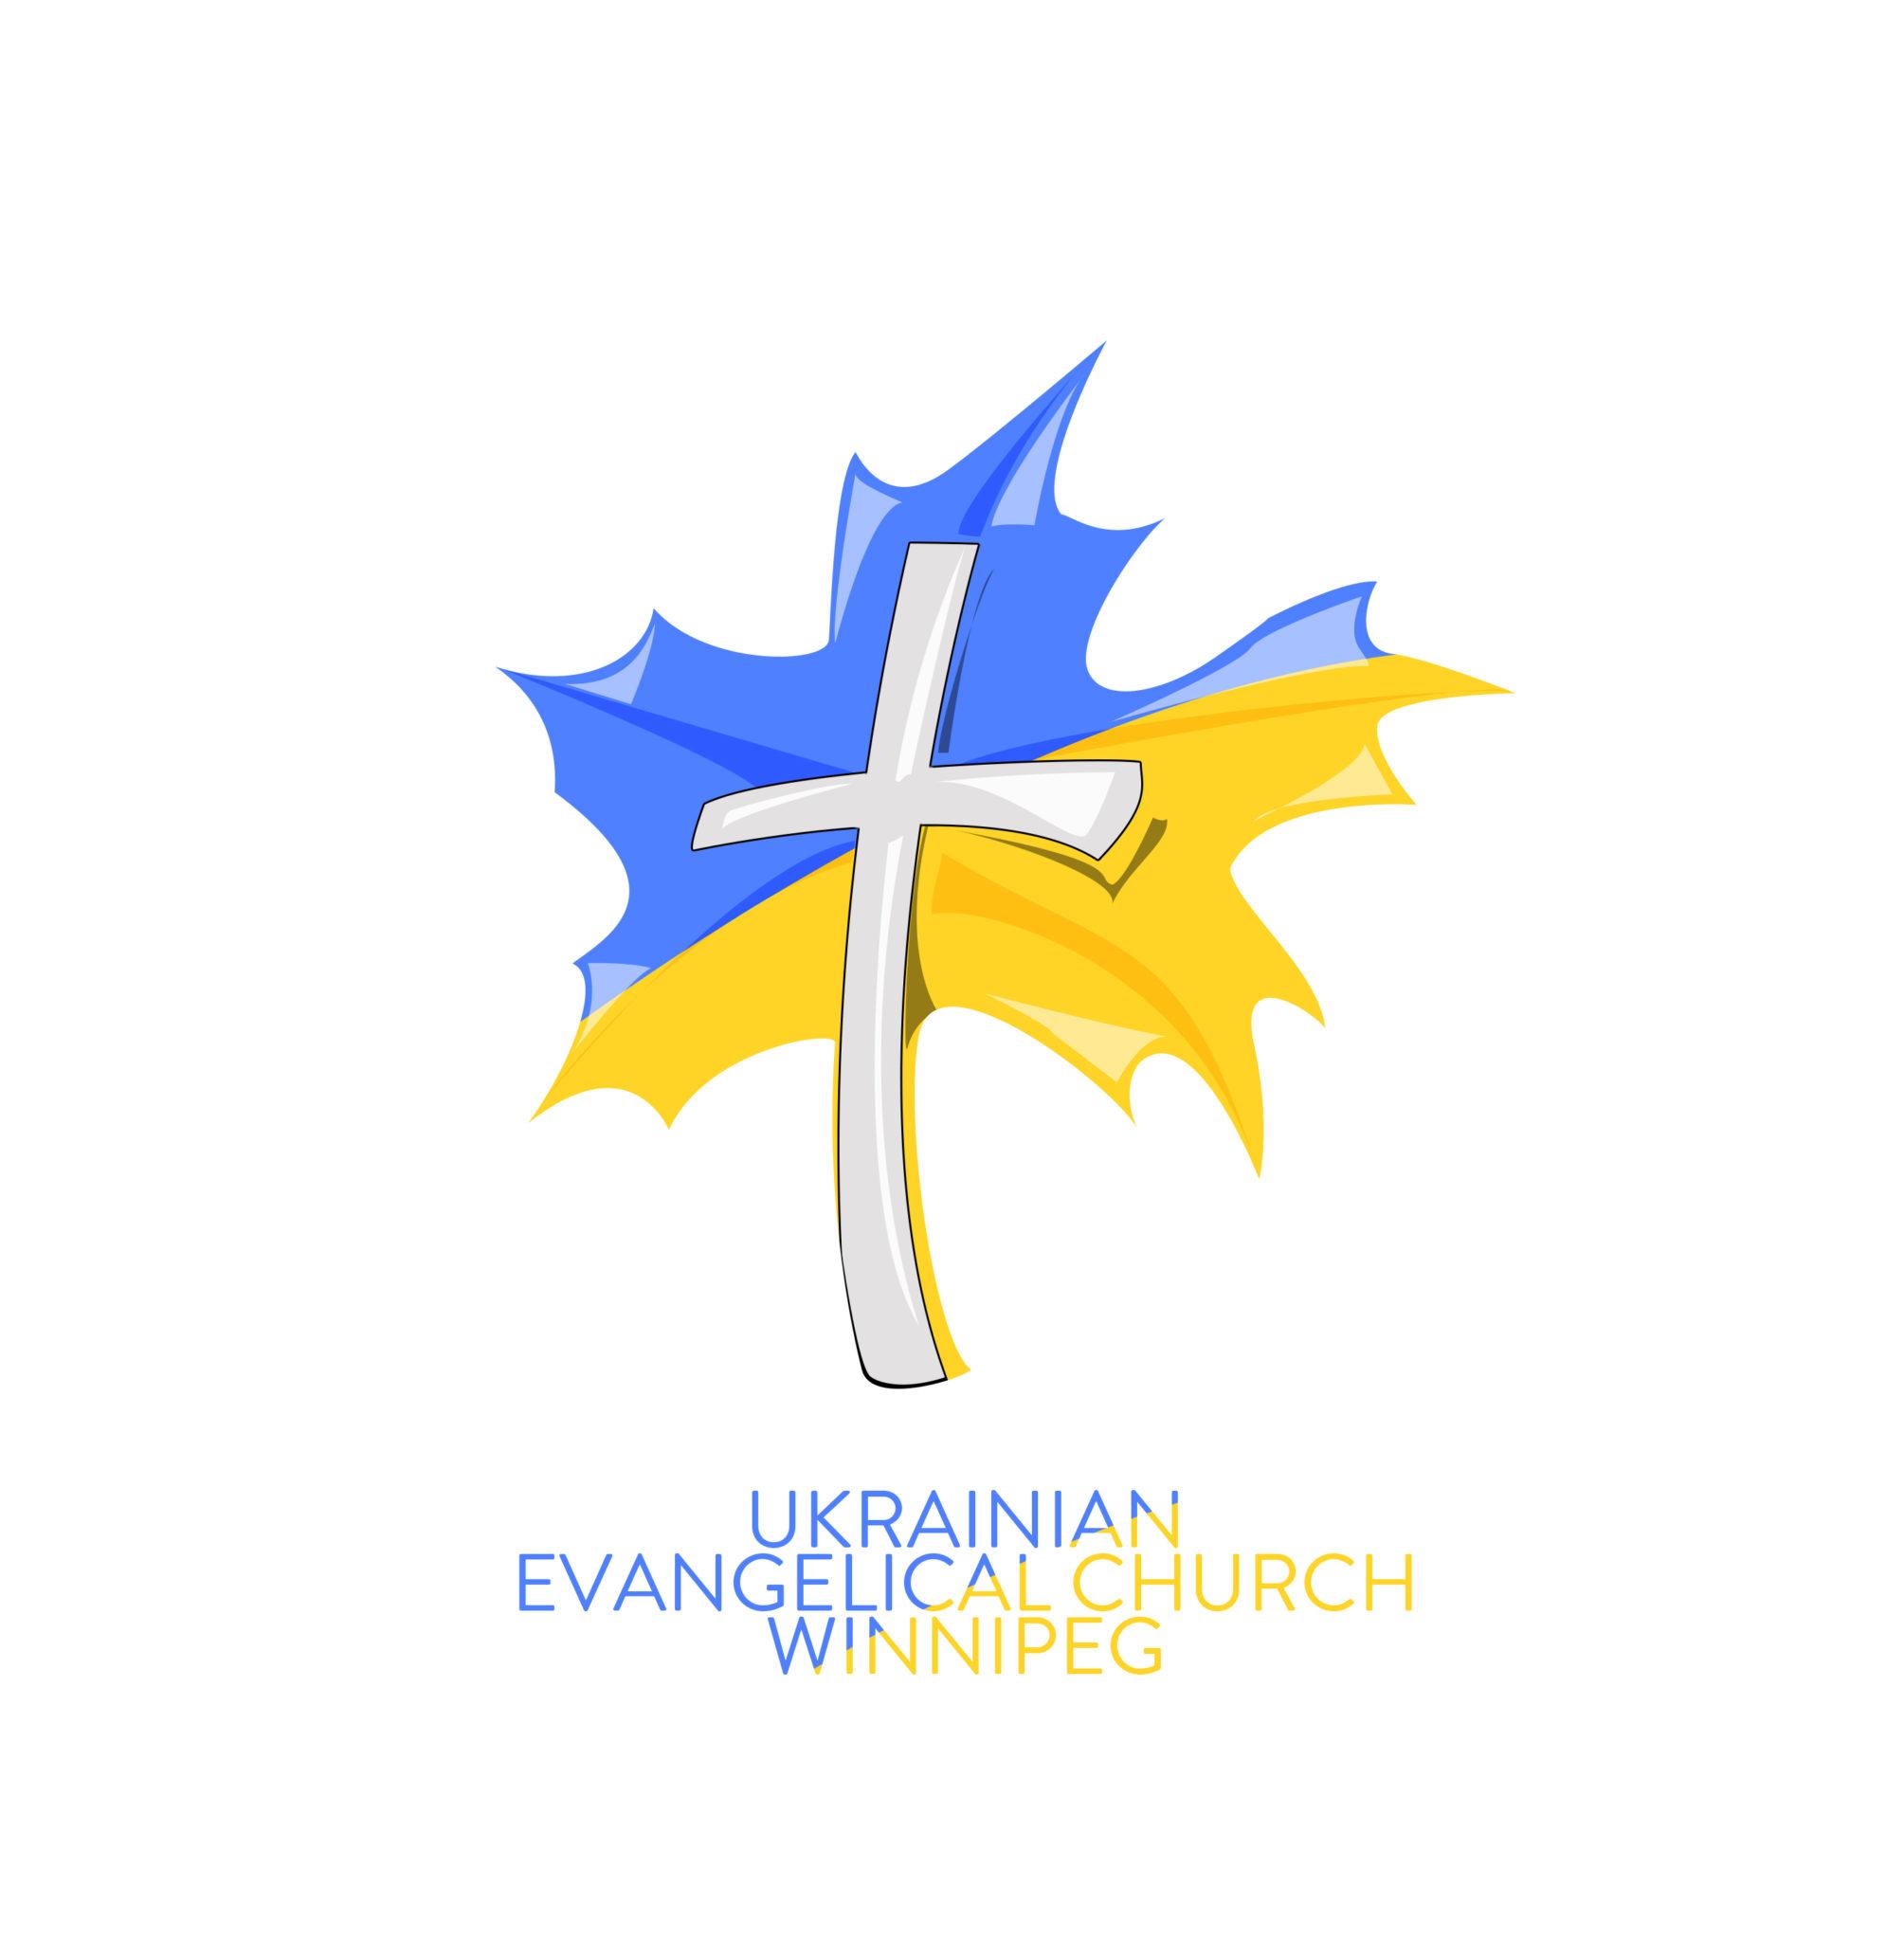 Logo for Ukrainian Evangelical Church Winnipeg